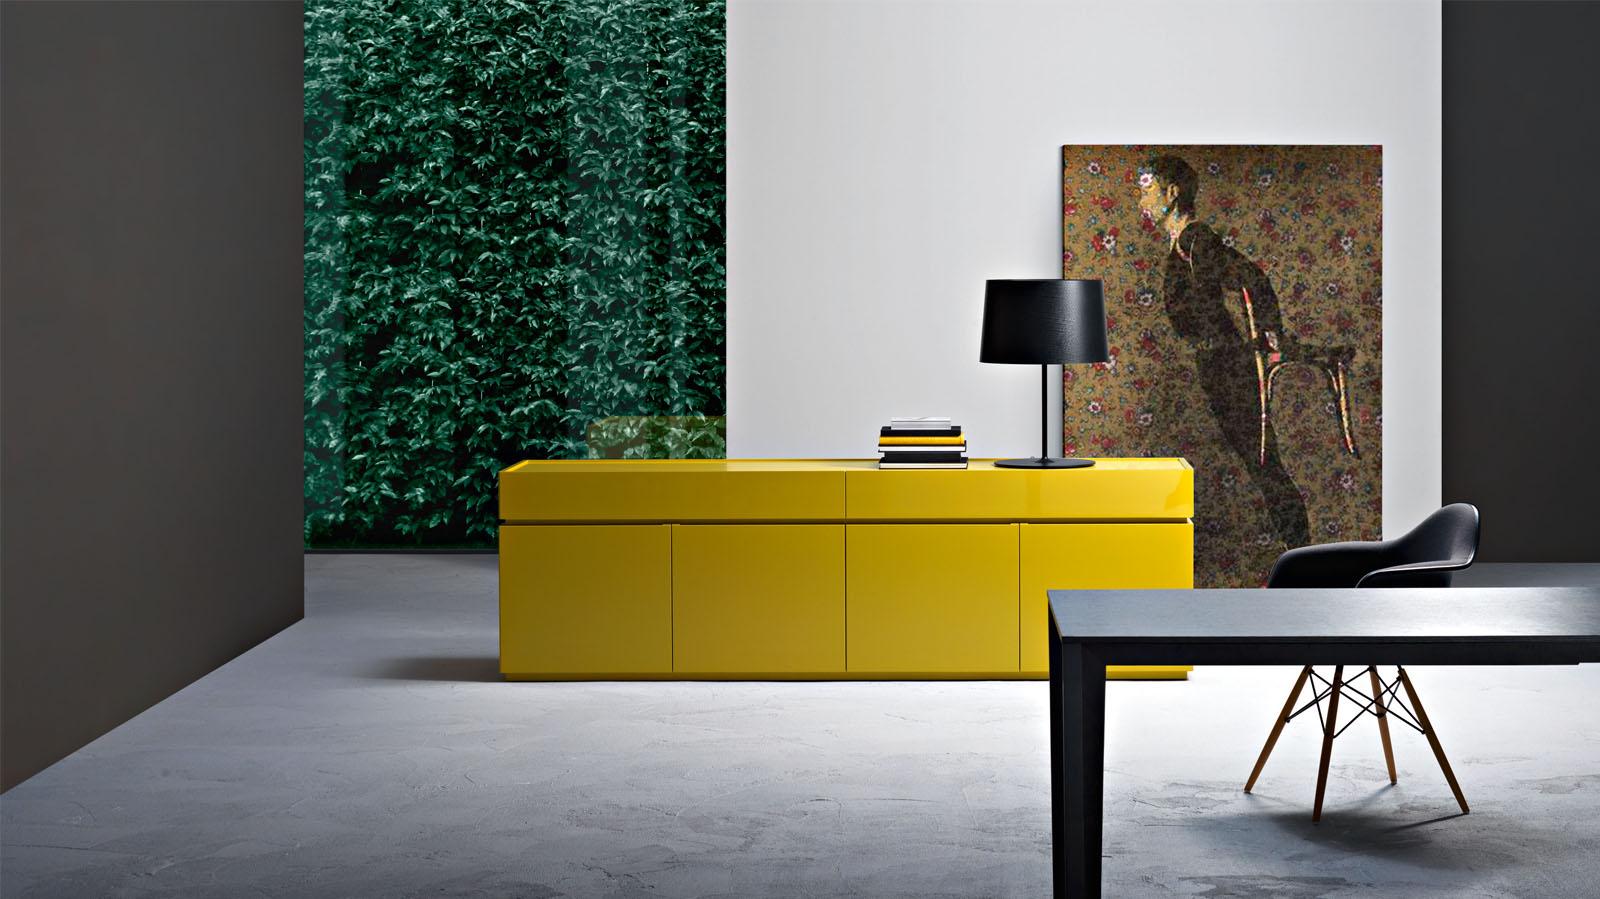 aparador amarillo sangiacomo muebles mallorca